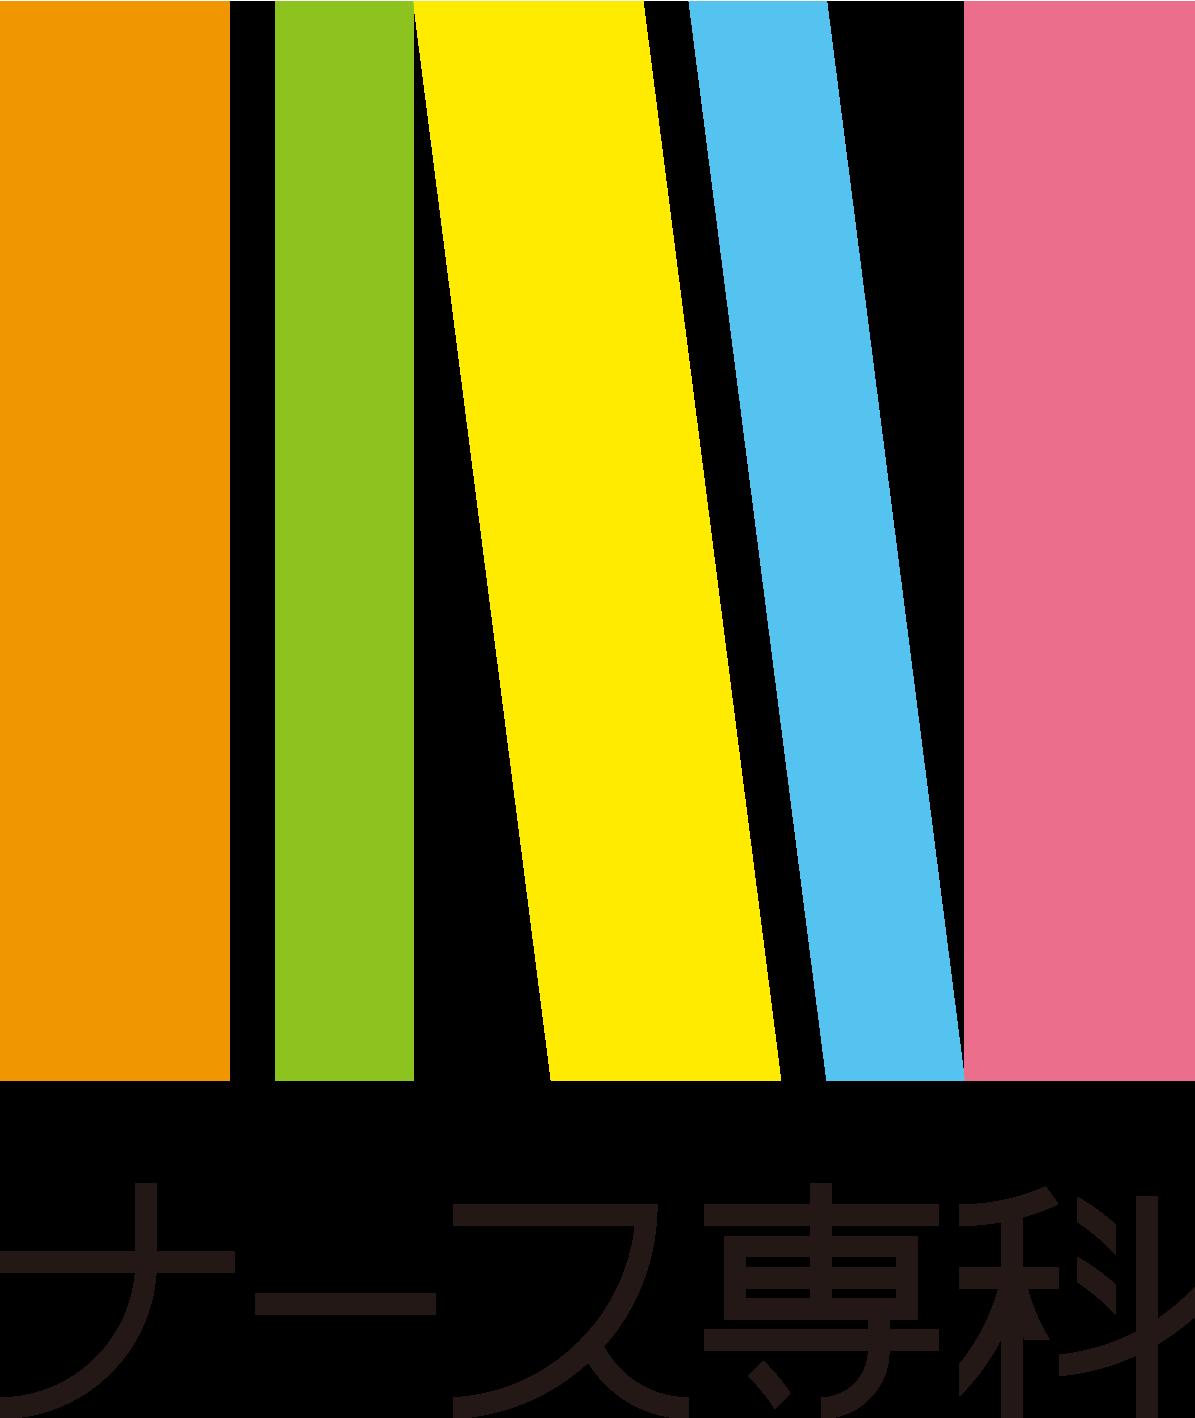 2013 ns logo tate format rgb     03